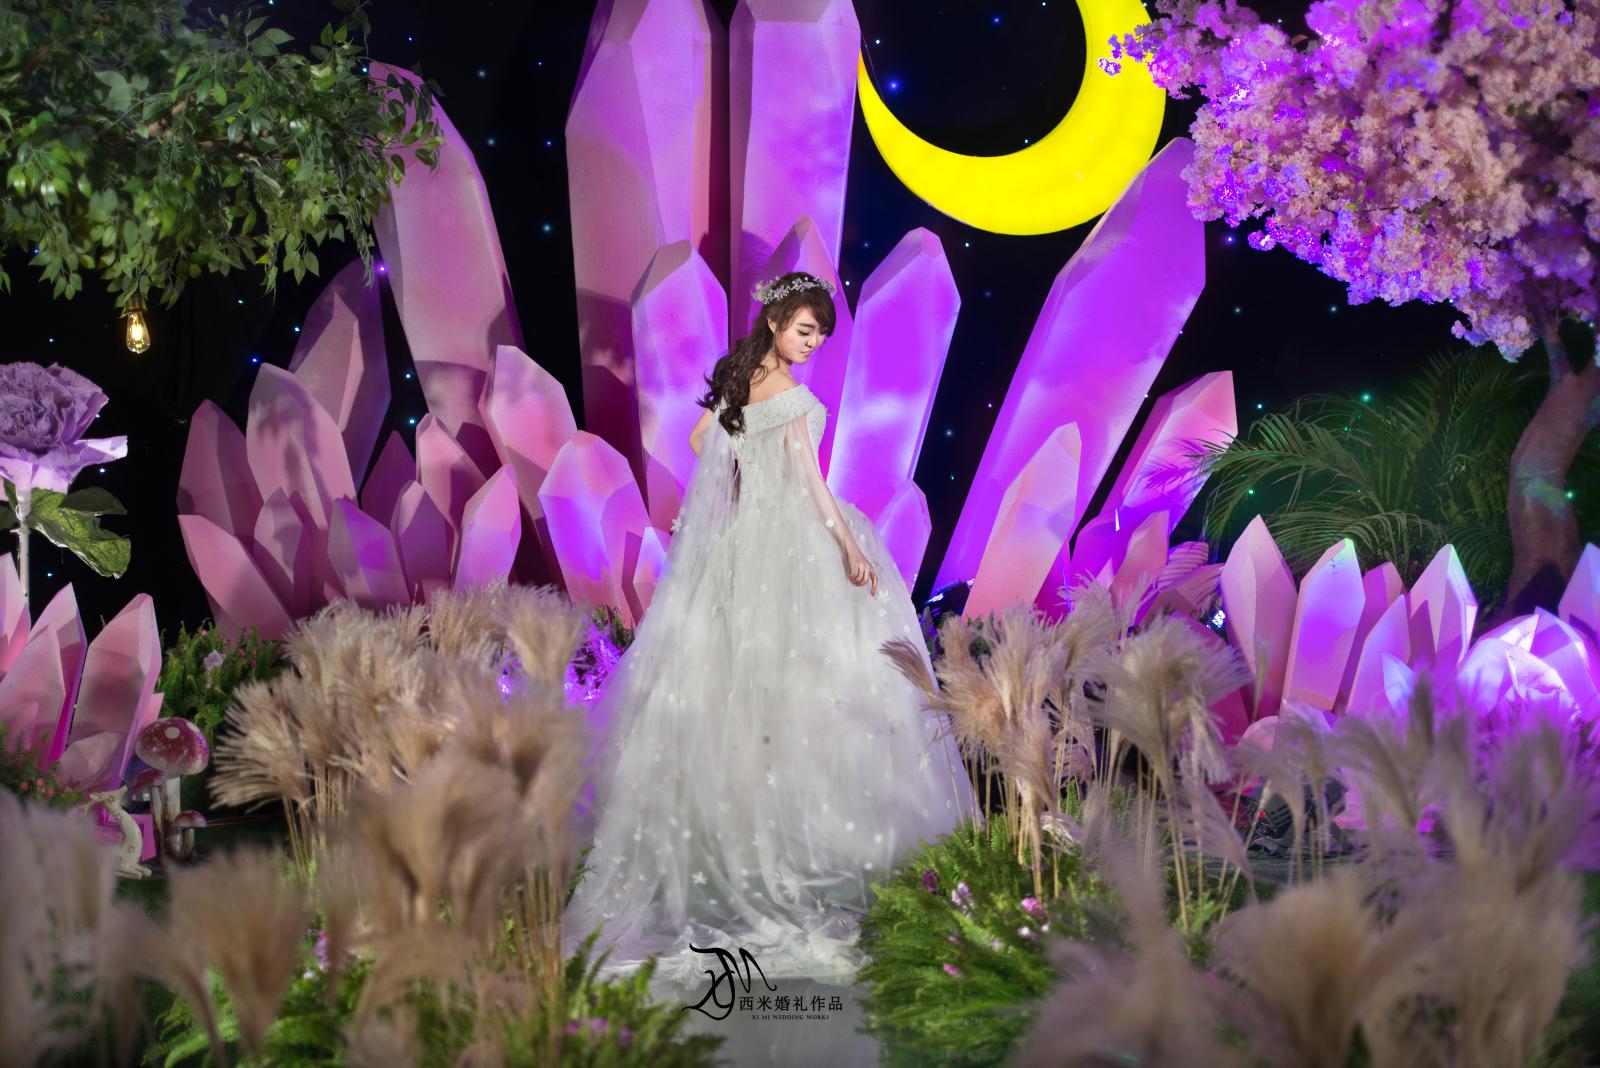 水晶森林-我有一个梦,就是陪你走过一片有着水晶的森林,到处都是粉紫色的水晶,雾气弥漫了整个大地,皎洁的月光压弯了树梢,手指指的远方,那是我们的家。